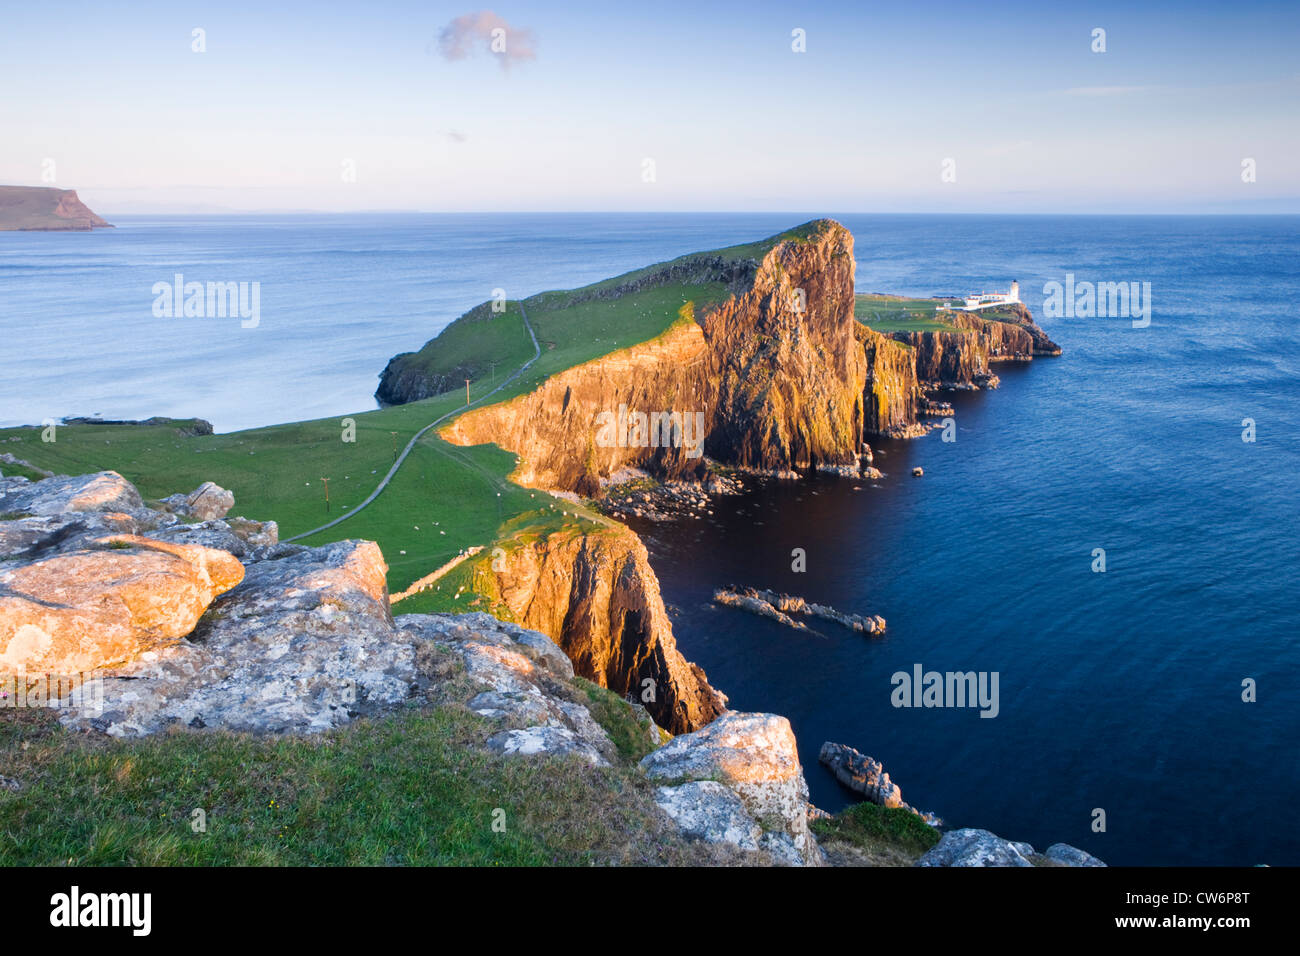 Neist Point lighthouse, Isle of Skye, Highland, Scotland, UK. - Stock Image